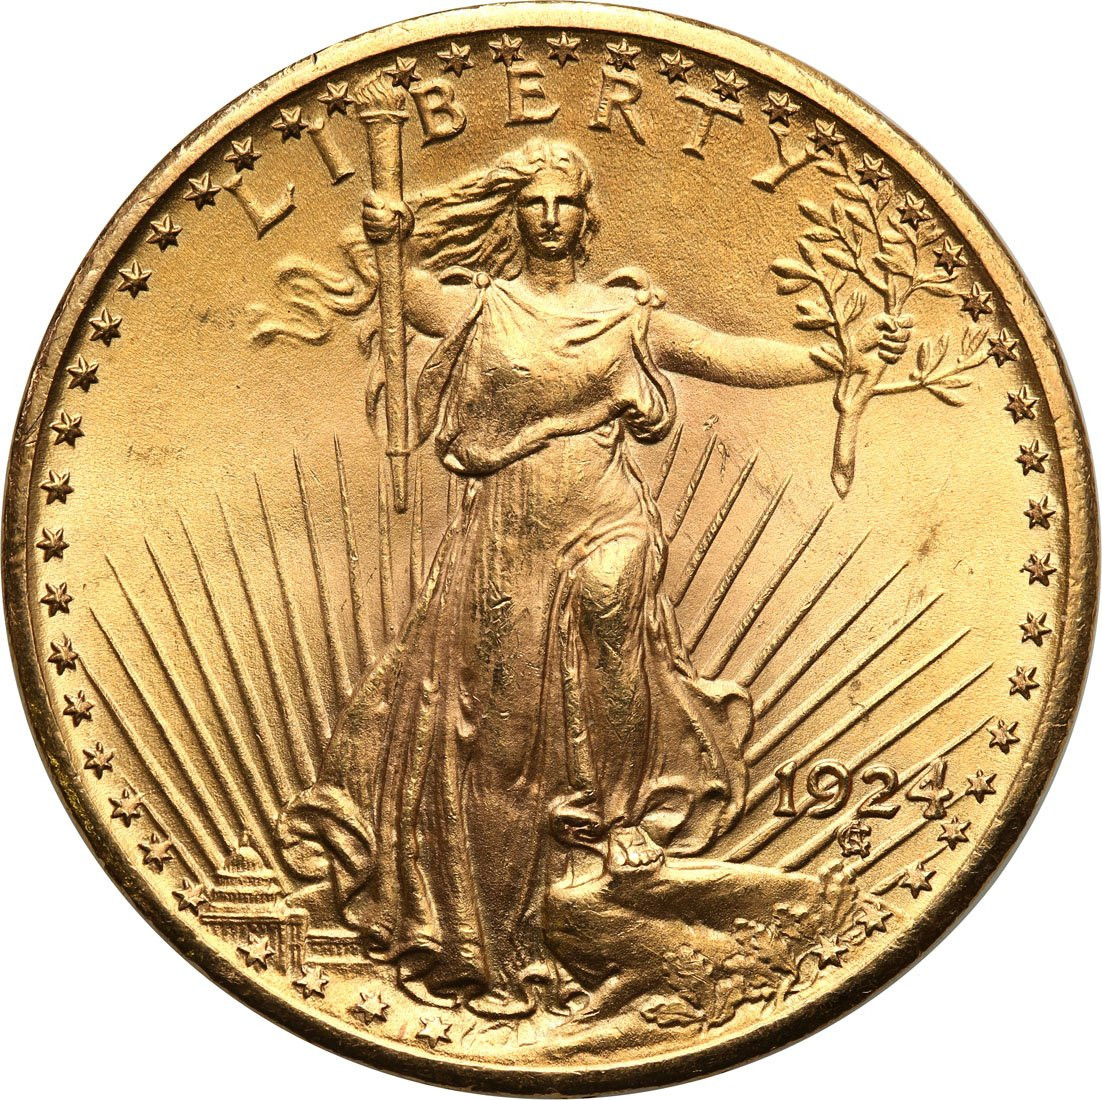 USA. 20 $ dolarów St. Gaudens 1924